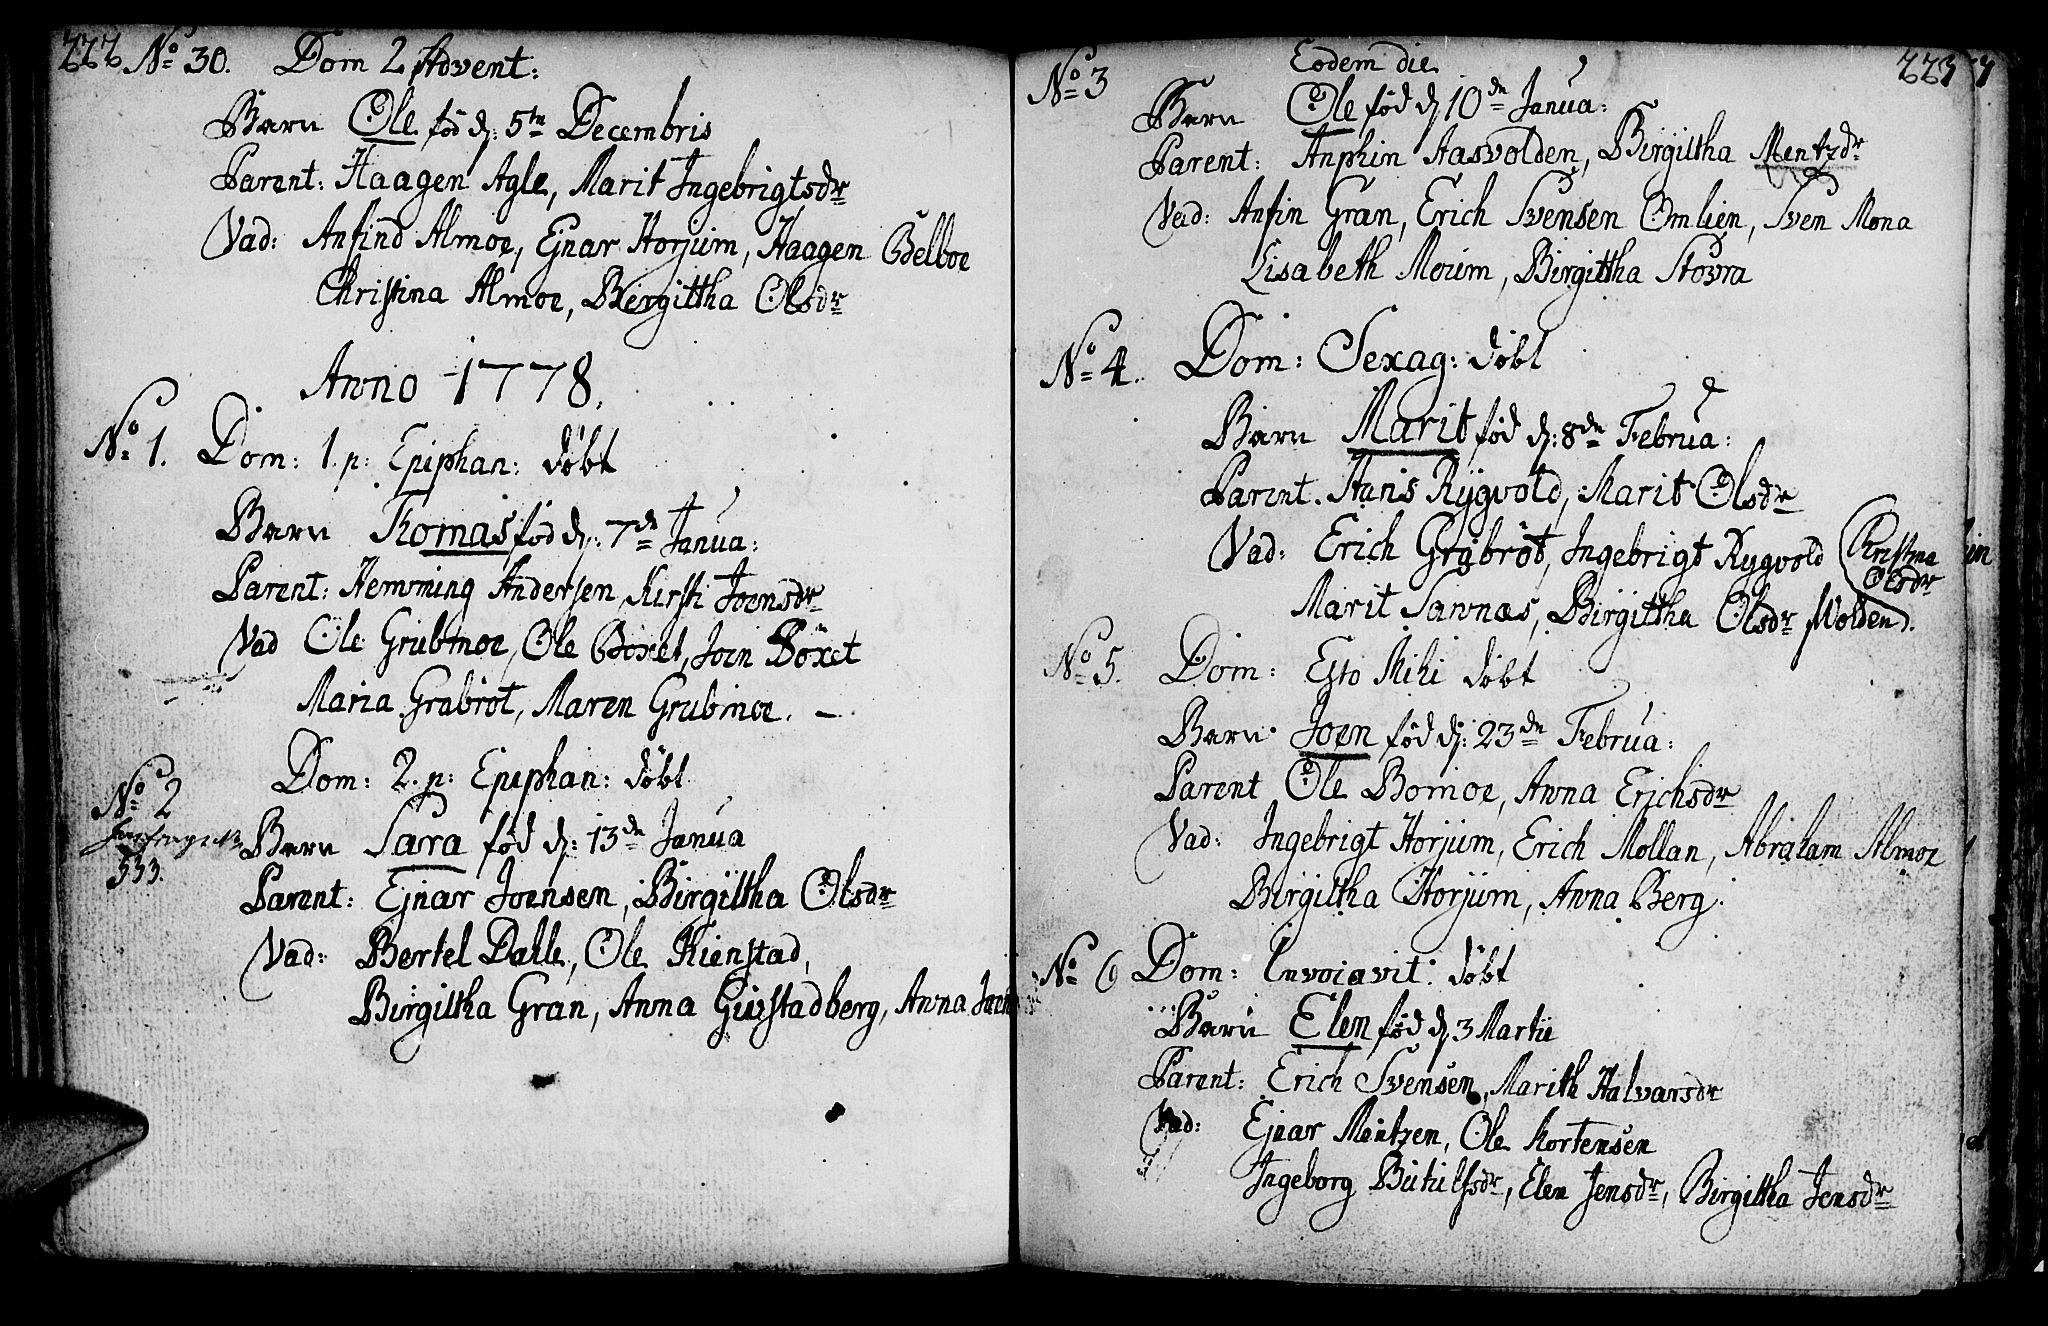 SAT, Ministerialprotokoller, klokkerbøker og fødselsregistre - Nord-Trøndelag, 749/L0467: Ministerialbok nr. 749A01, 1733-1787, s. 222-223